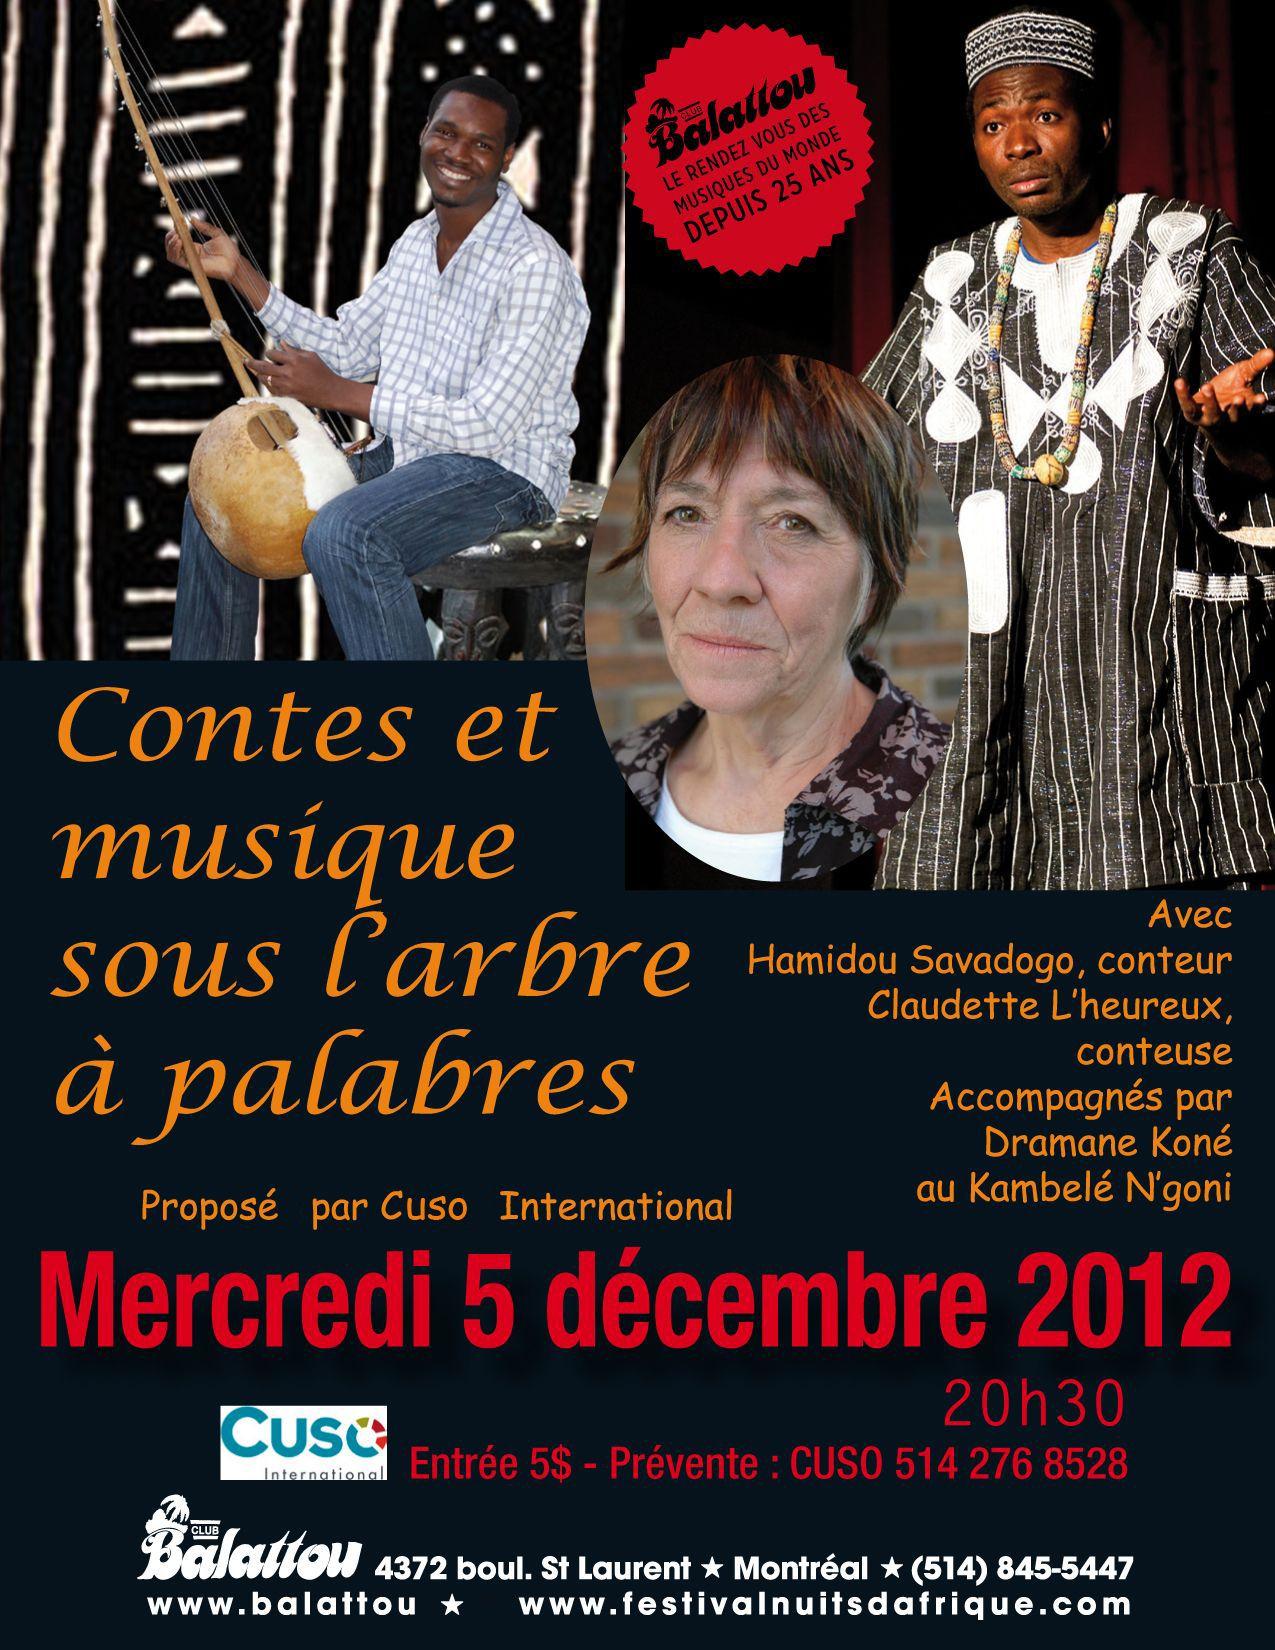 affiche_soiree-contes_musique_5_dec2012.jpg